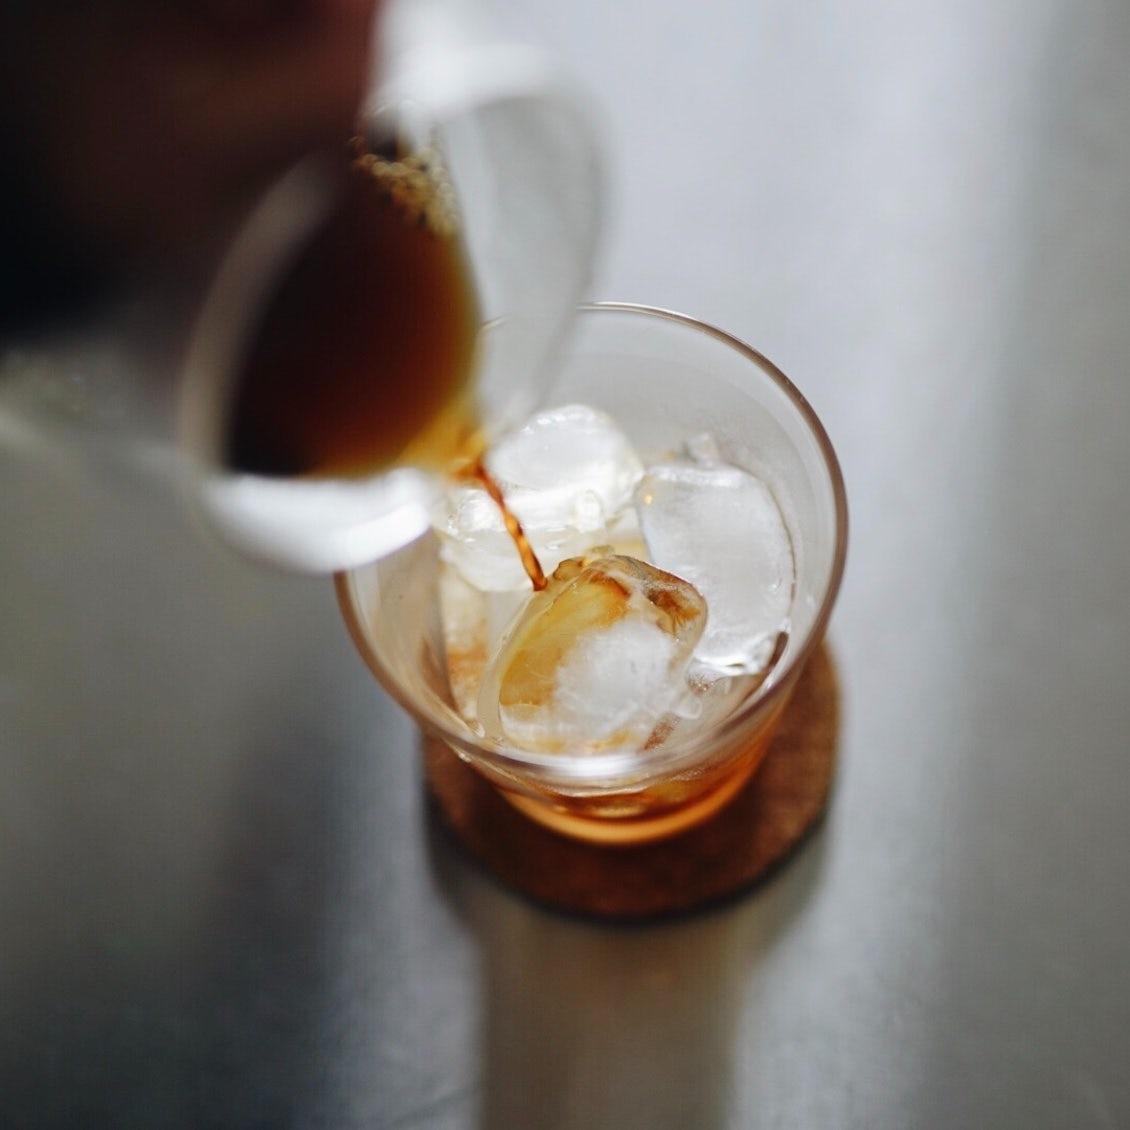 【僕のおやつ日記】プロセスごと愛したい、アイスコーヒーのレシピ